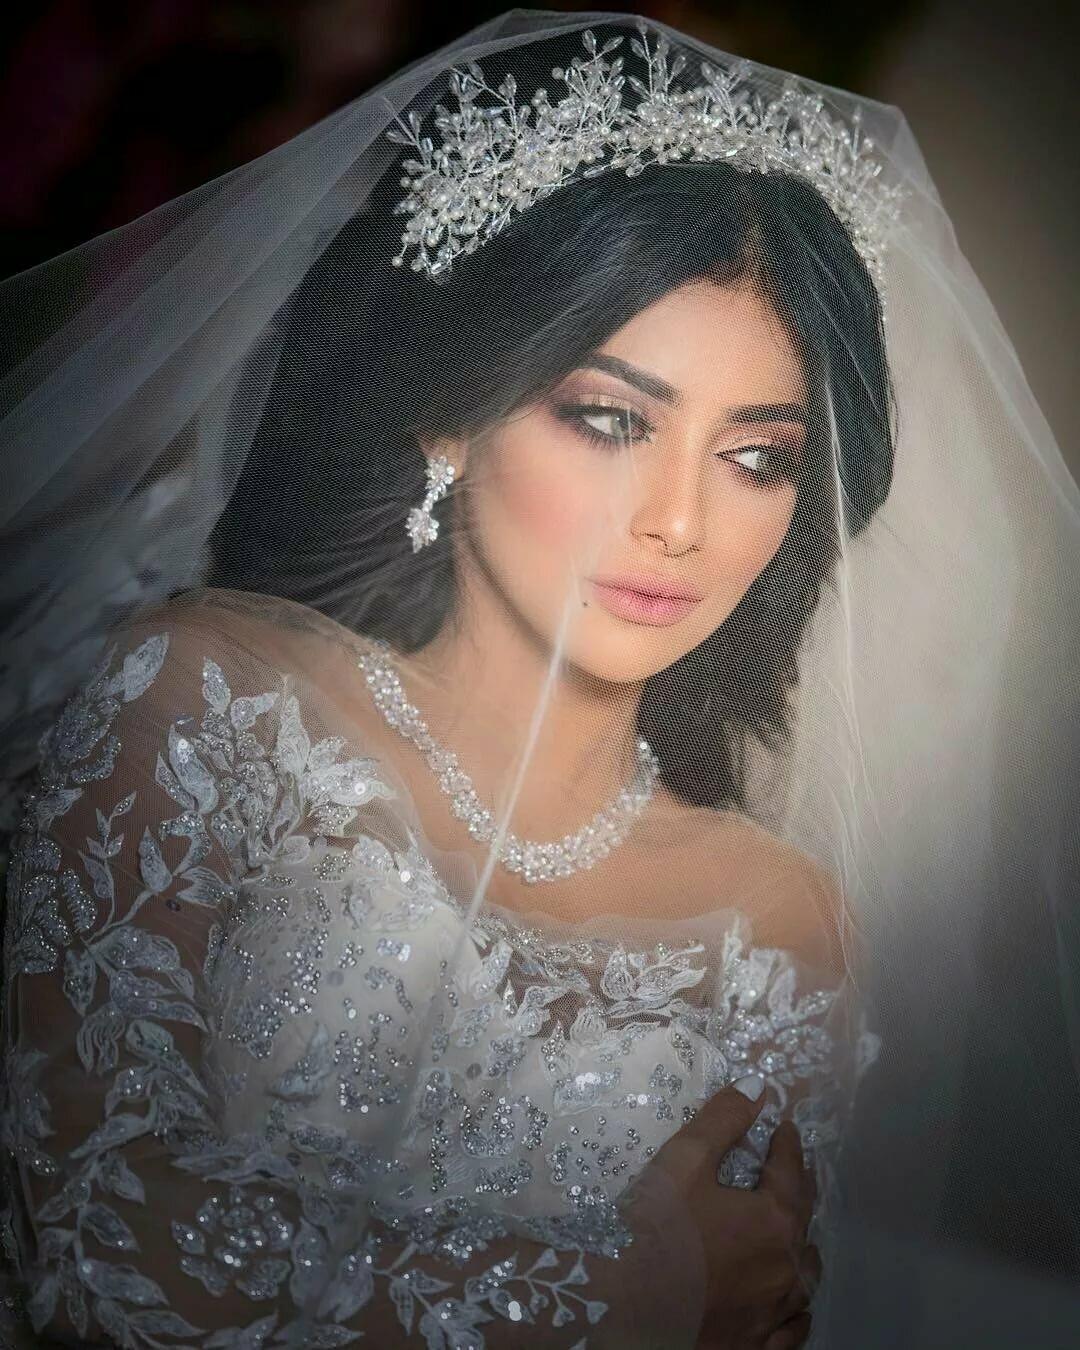 отличие старинных армянские невесты фото экстравагантный образ